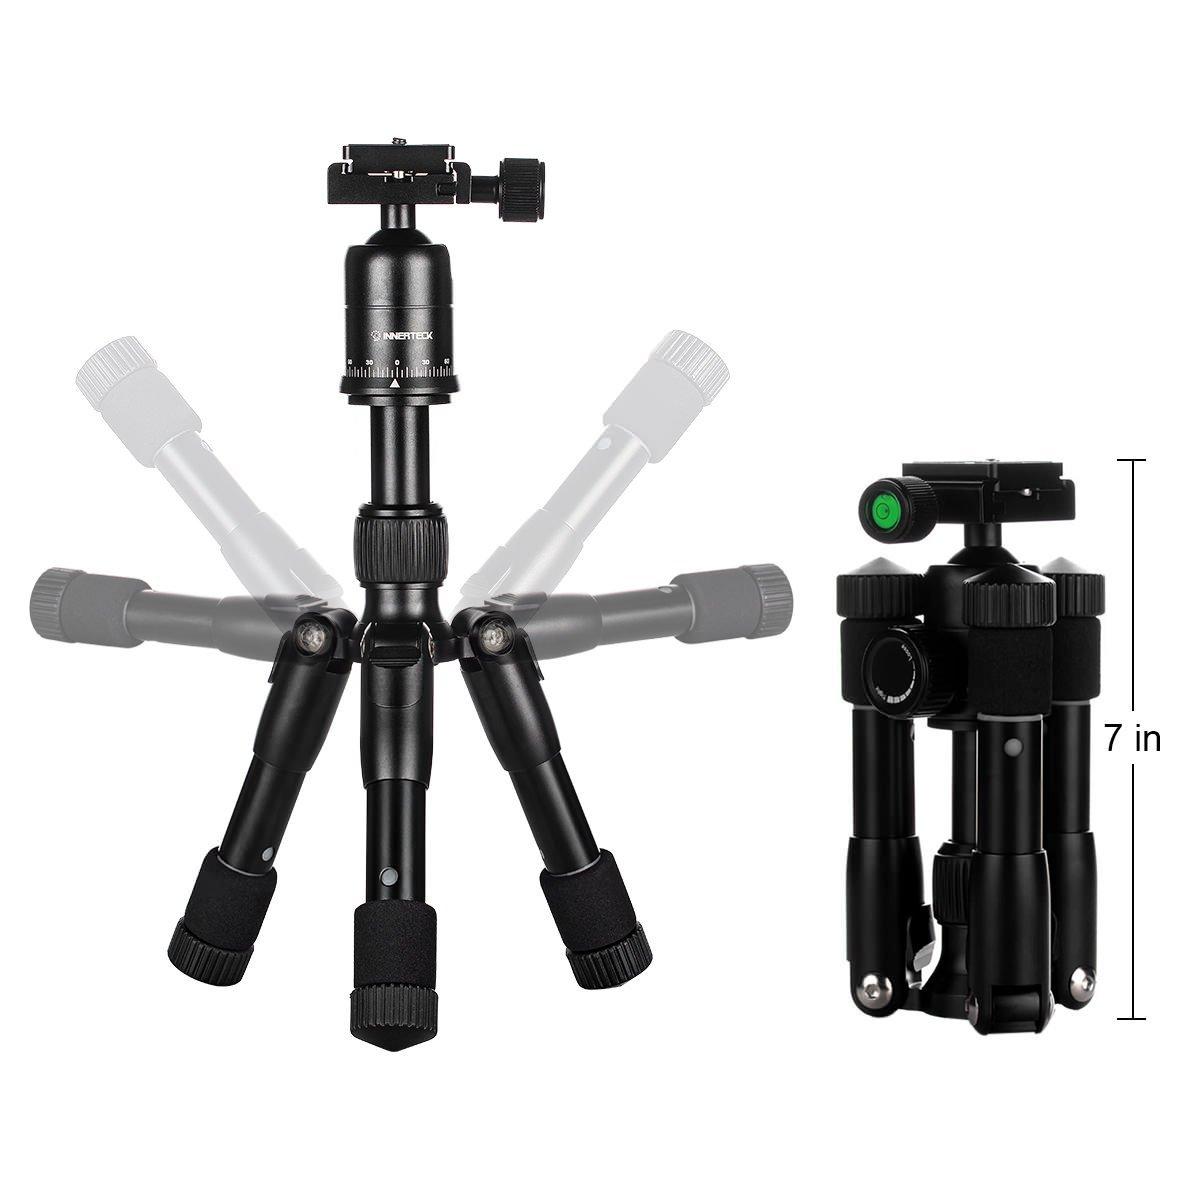 Chân máy ảnh Innerteck Mini Tripod - dùng cho cả máy ảnh DLSR